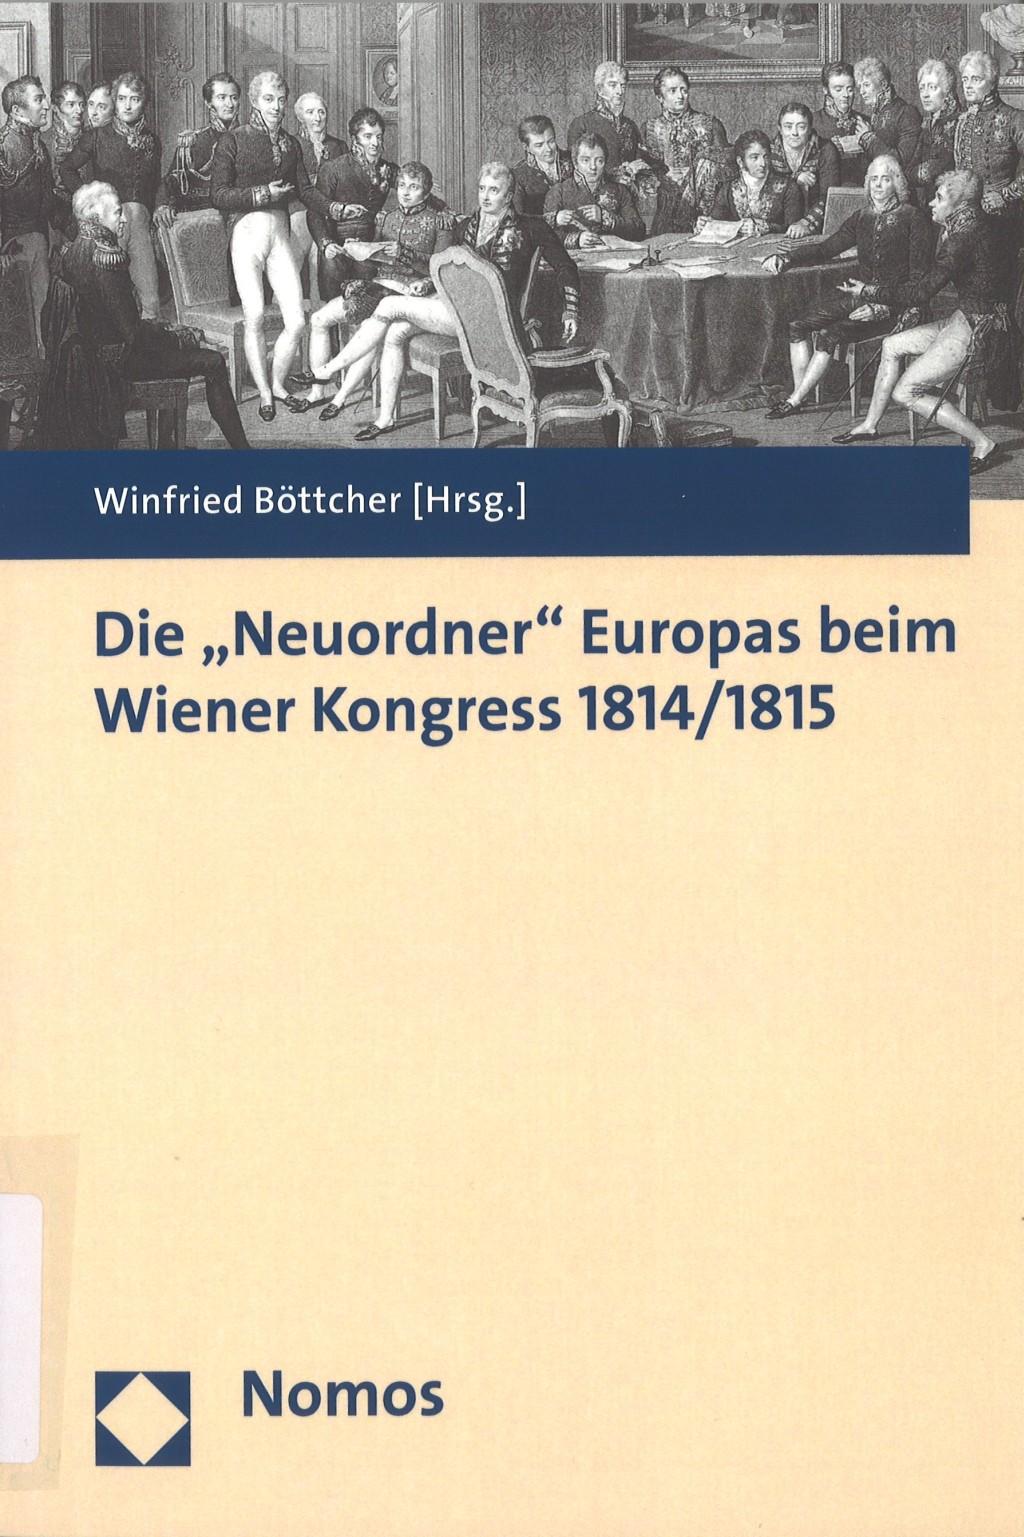 """Die """"Neuordner"""" Europas beim Wiener Kongress 1814/1815"""